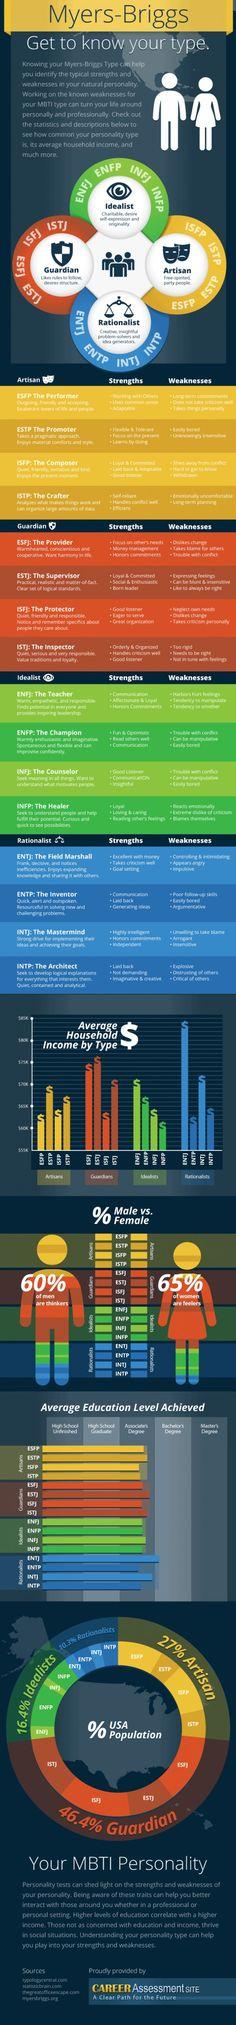 Myers-Briggs Personality Socio-Economic Status Infographic